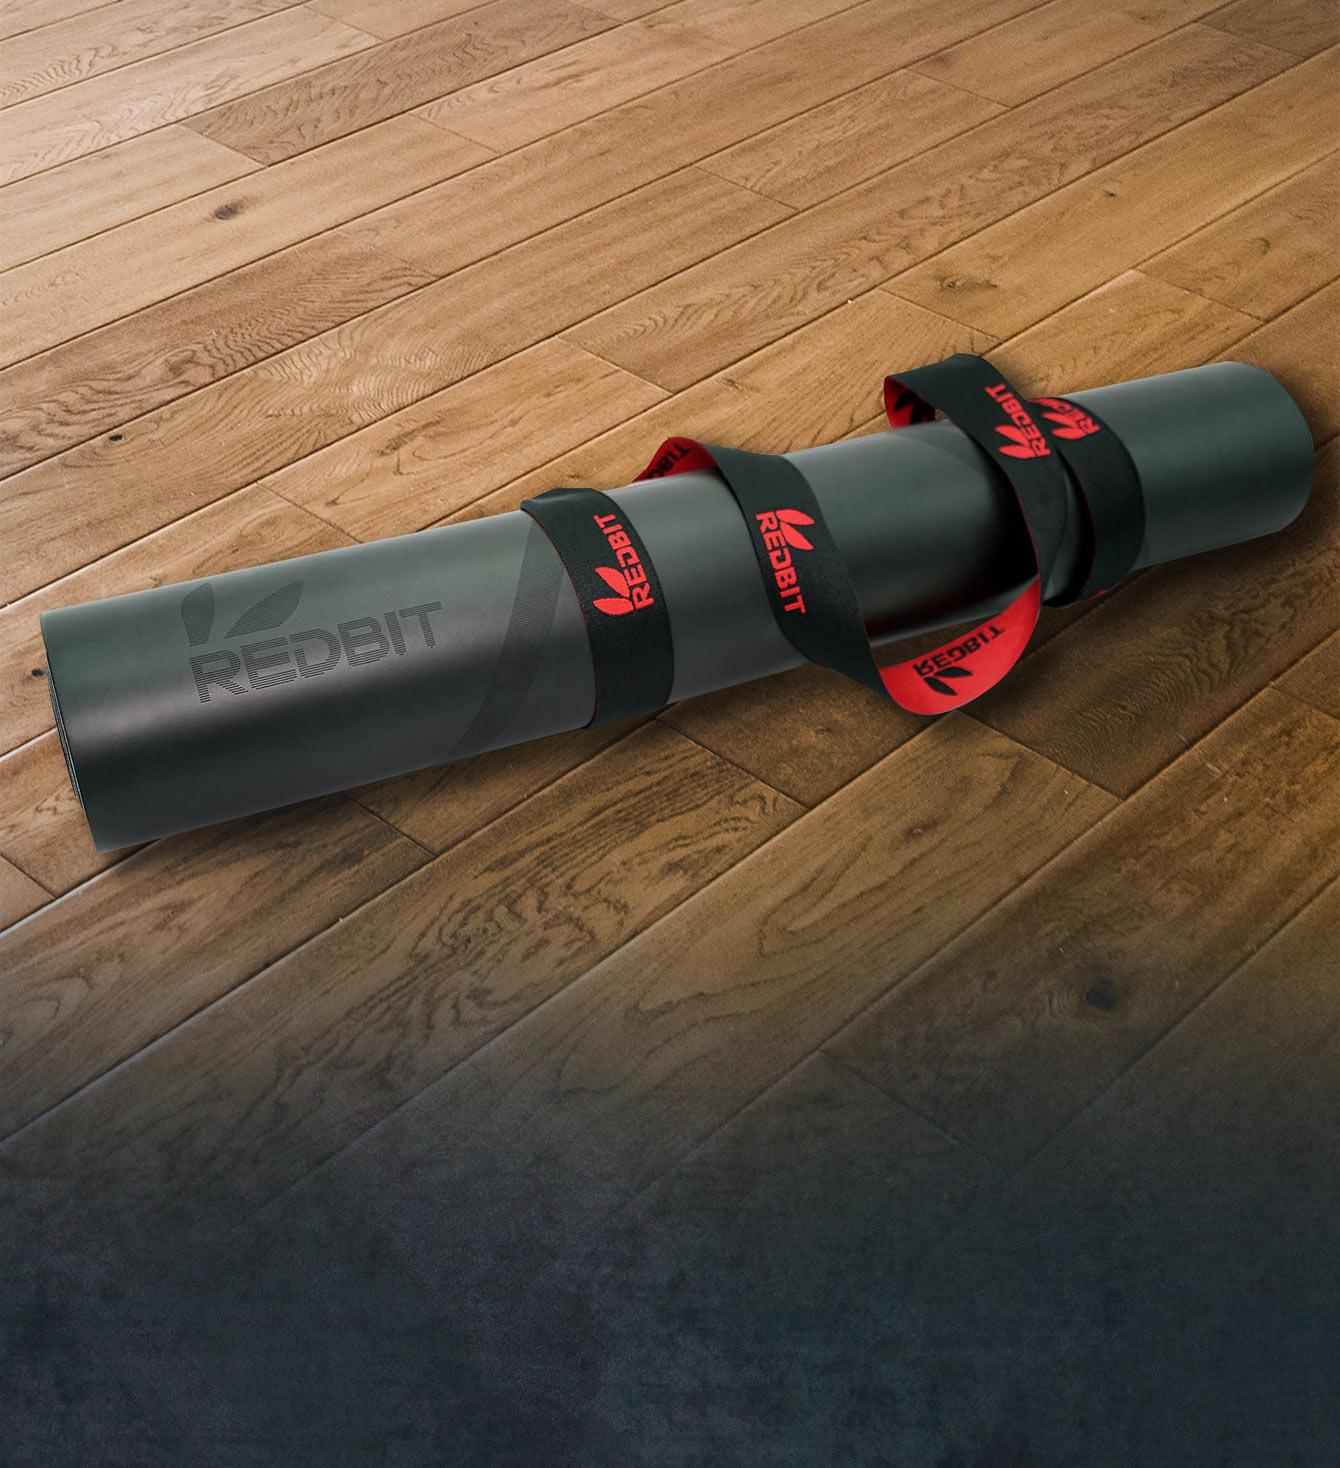 redbit-highlight-yoga-mat2